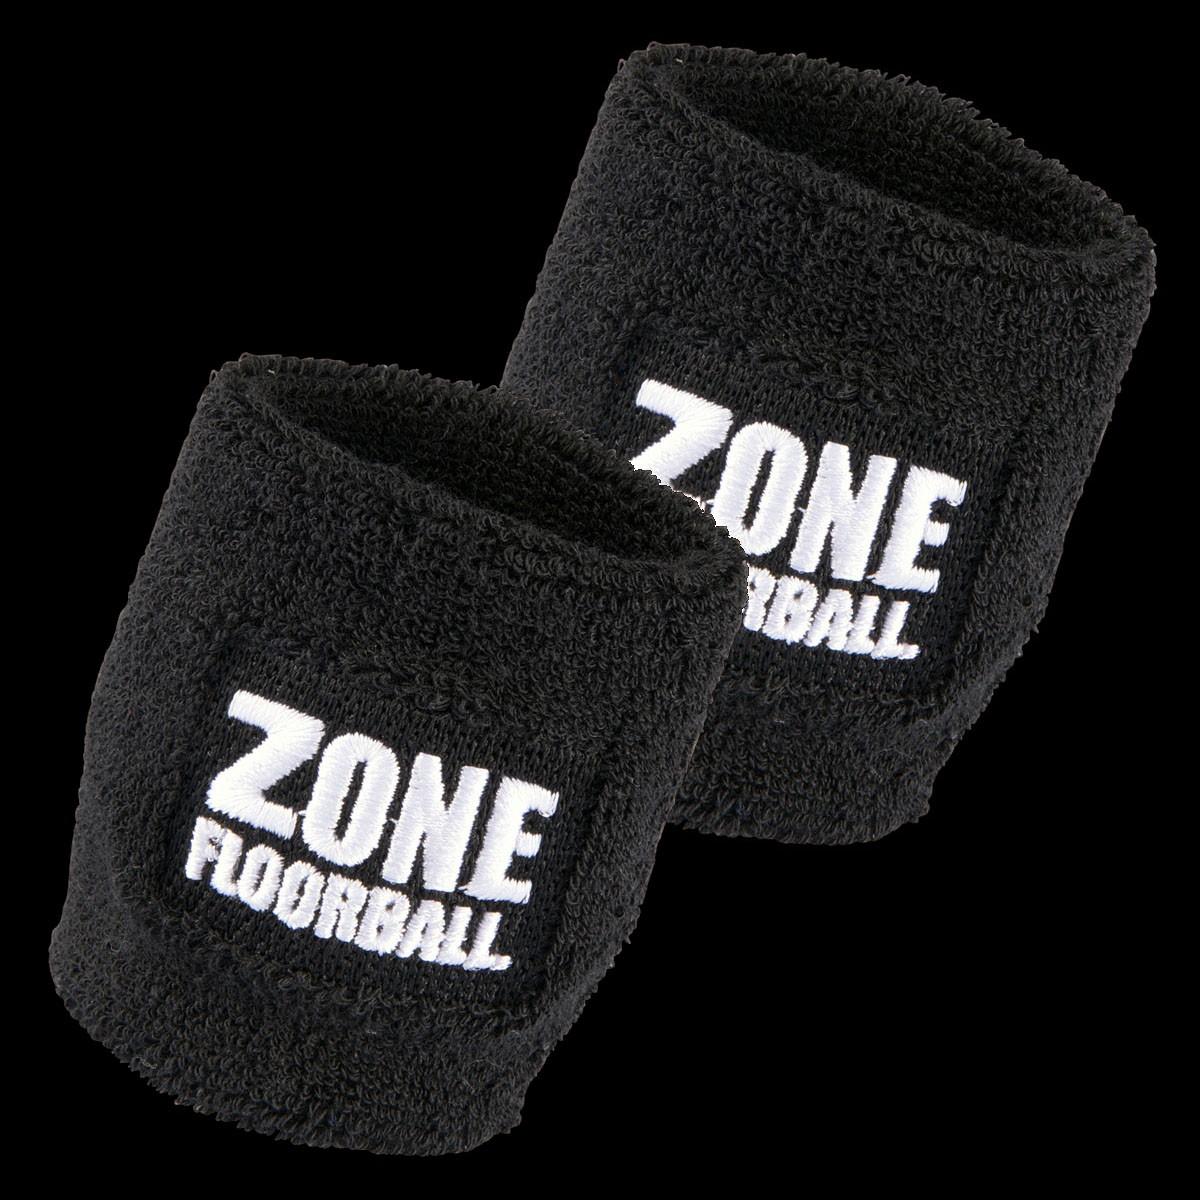 Zone Schweissband Retro schwarz (2-Pack)